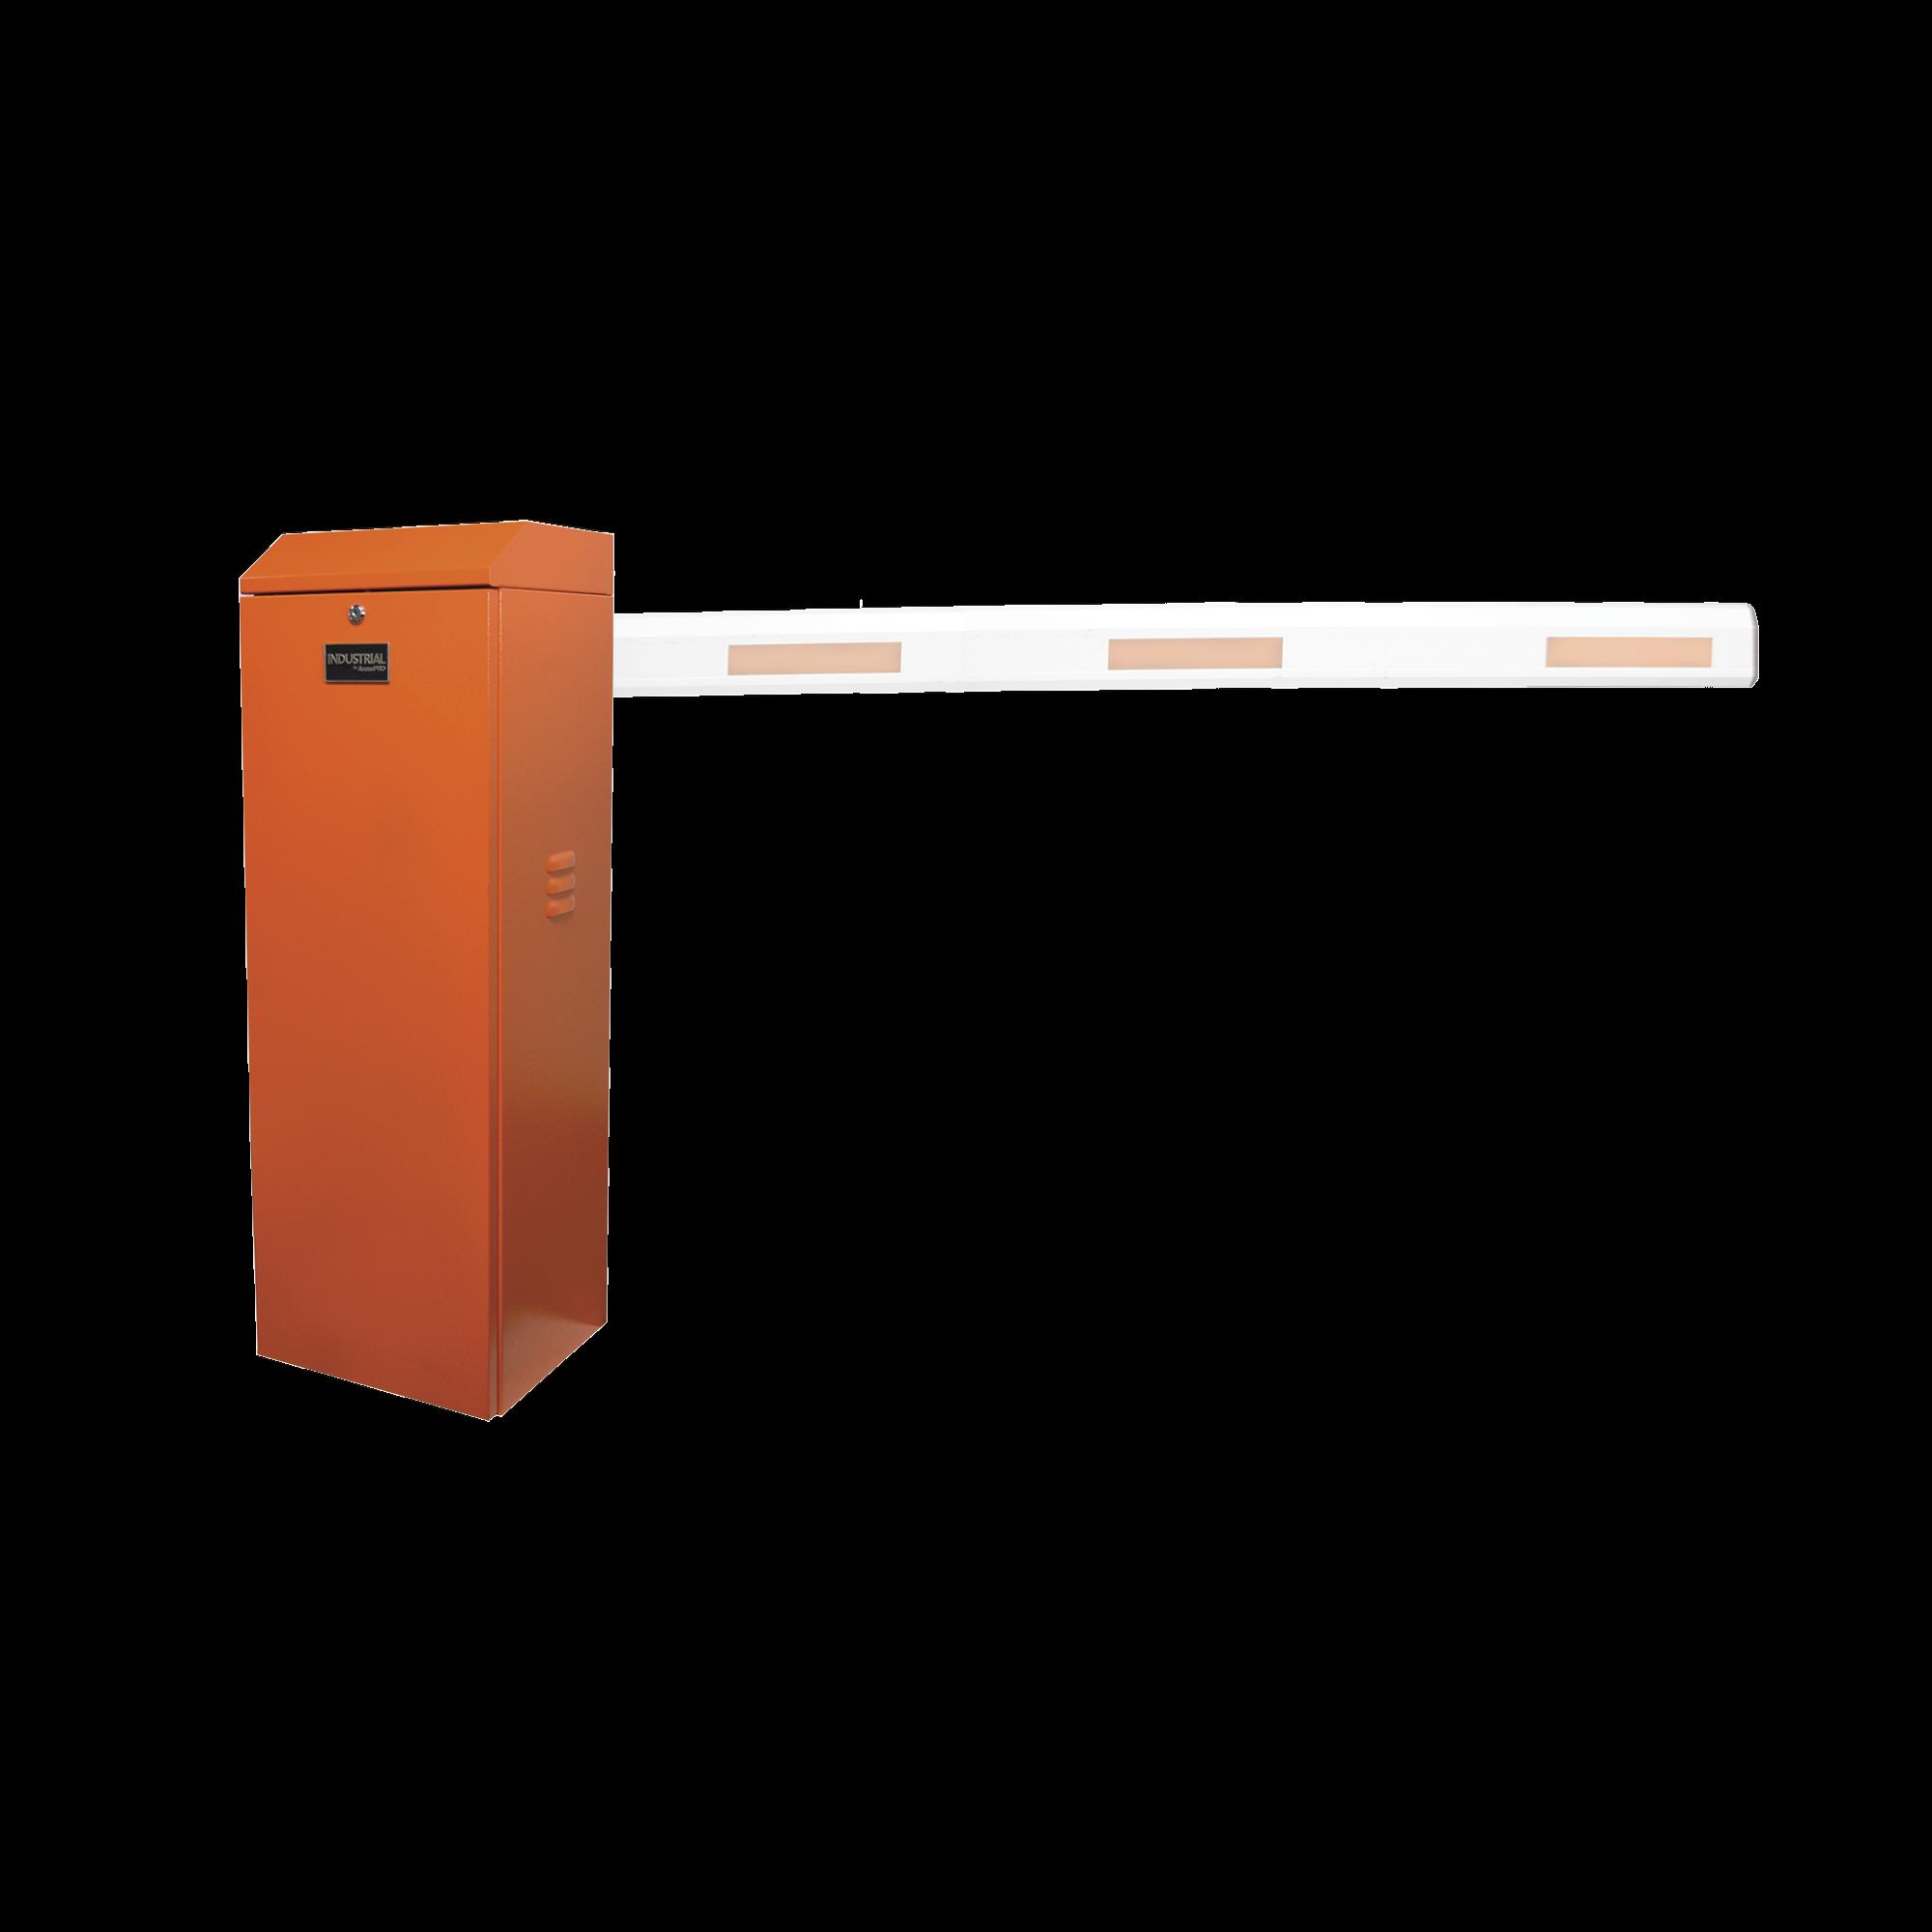 Barrera vehicular derecha / Soporta brazo de hasta 3 m / Apertura en 1.5 s /Final de carrera ajustable por programación / Movimiento fluido / Diseño elegante color naranja